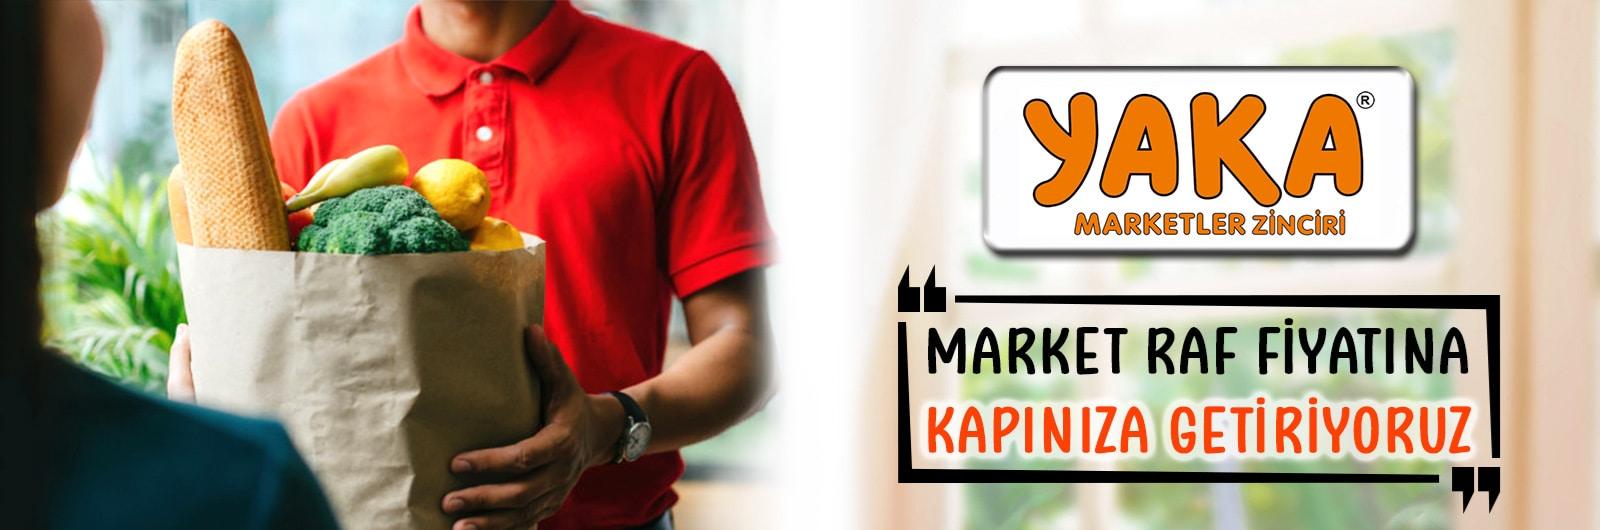 İpekyolu Yaka Marketleri Online Market Siparişi